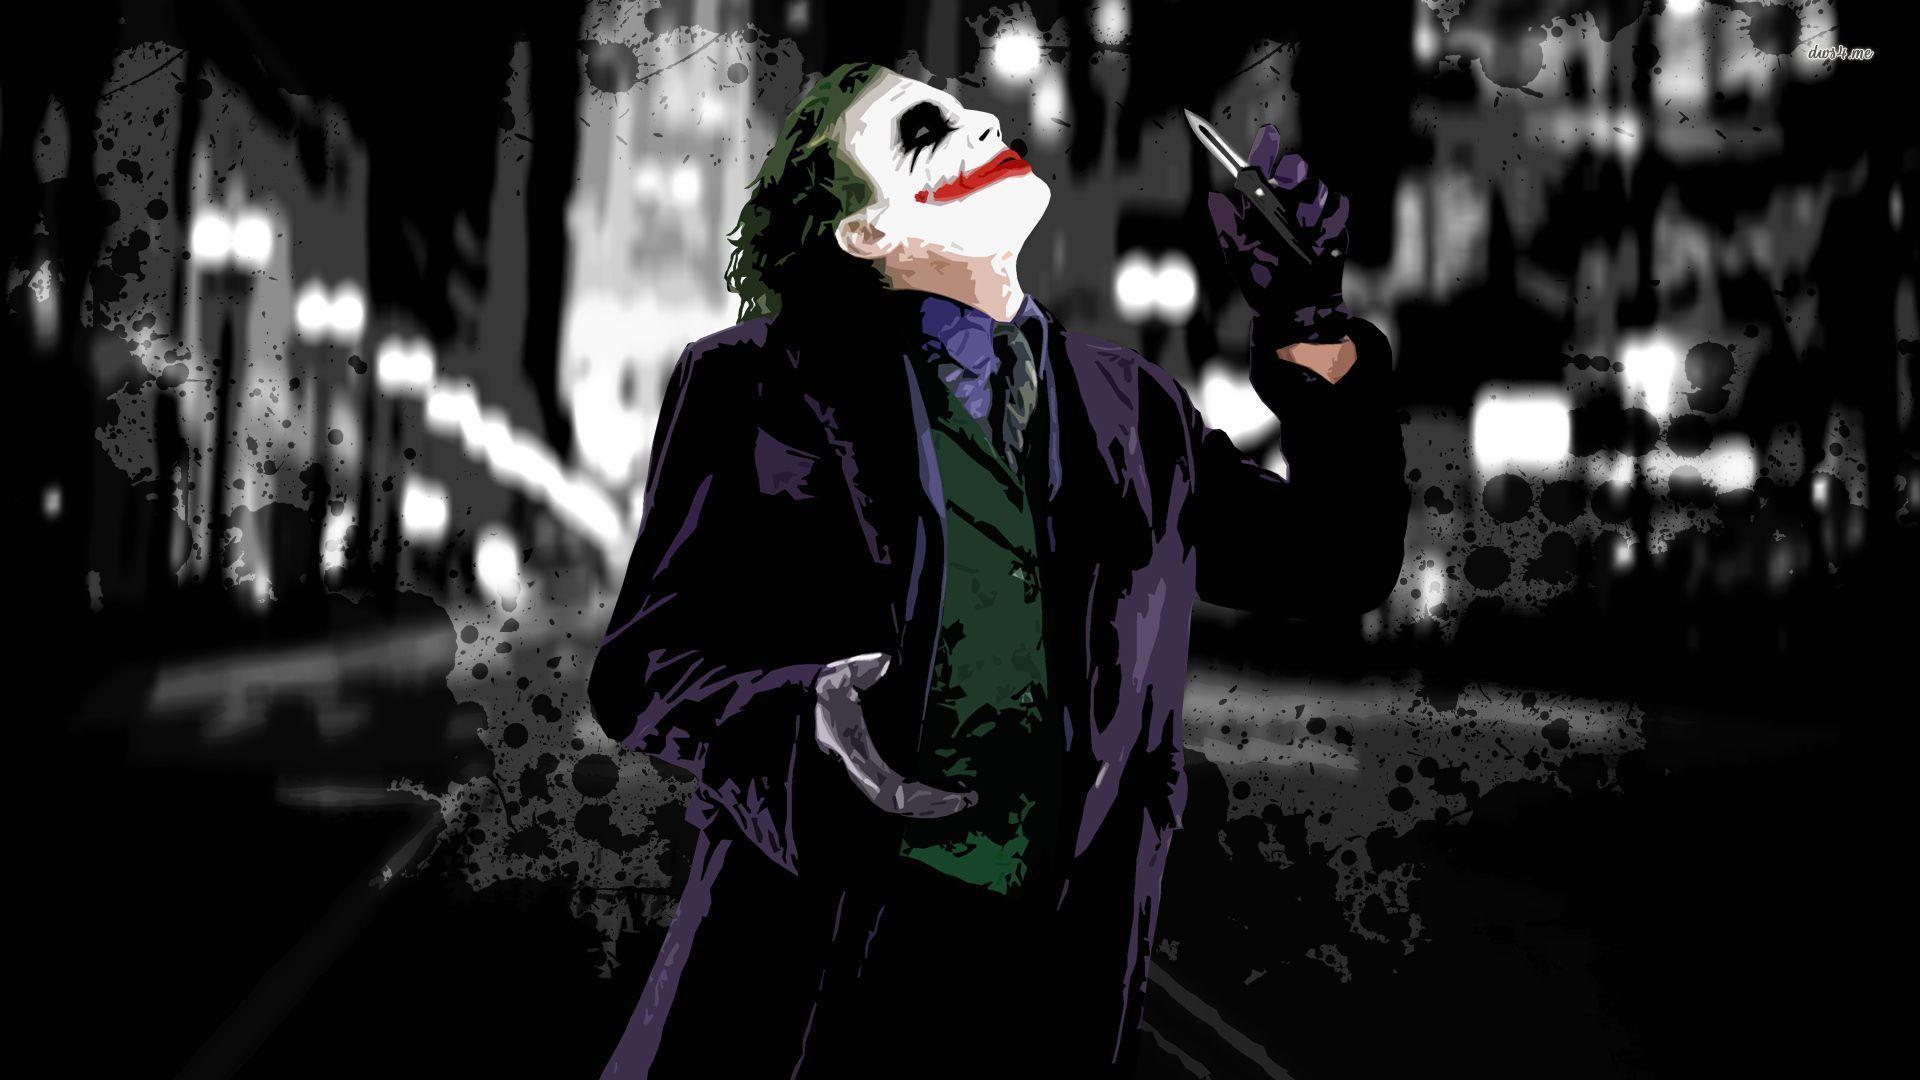 Joker Wallpapers Dark Knight Wallpaper